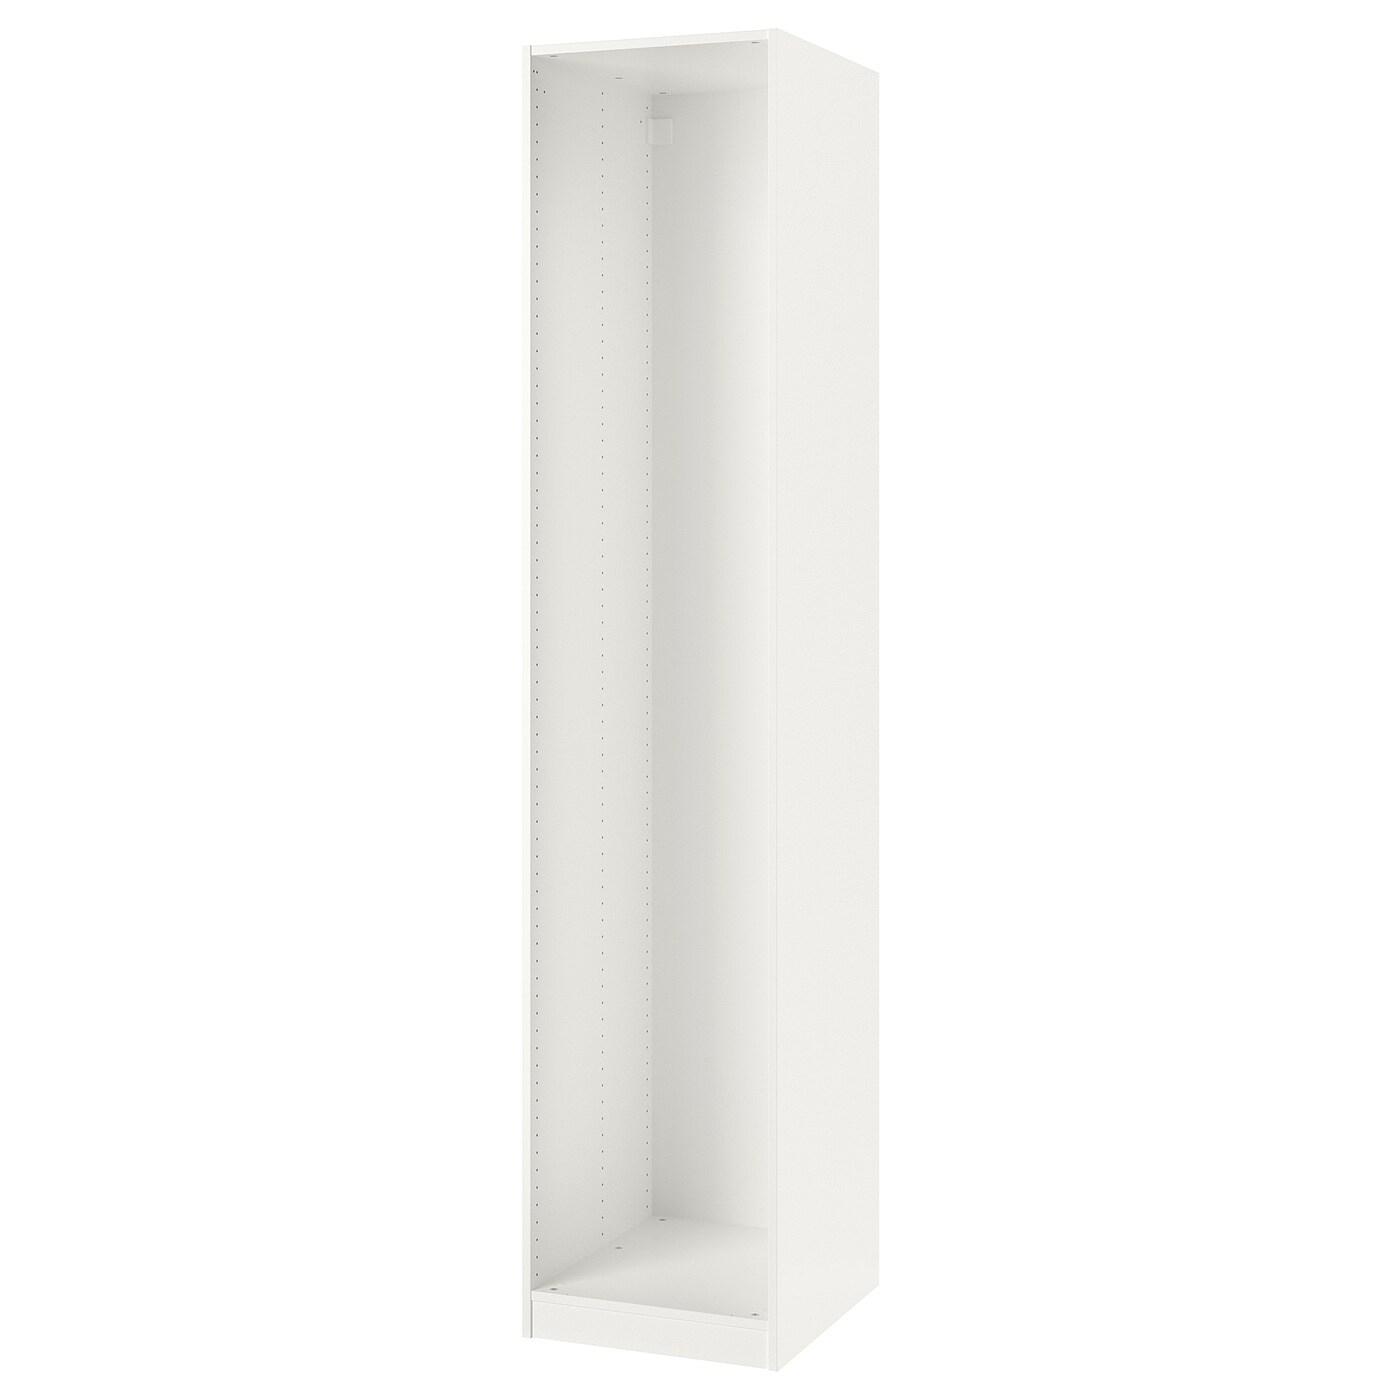 Pax Caisson D'Armoire, Blanc, 50X58X236 Cm - Ikea intérieur Caisson Pax Ikea 100X58X236